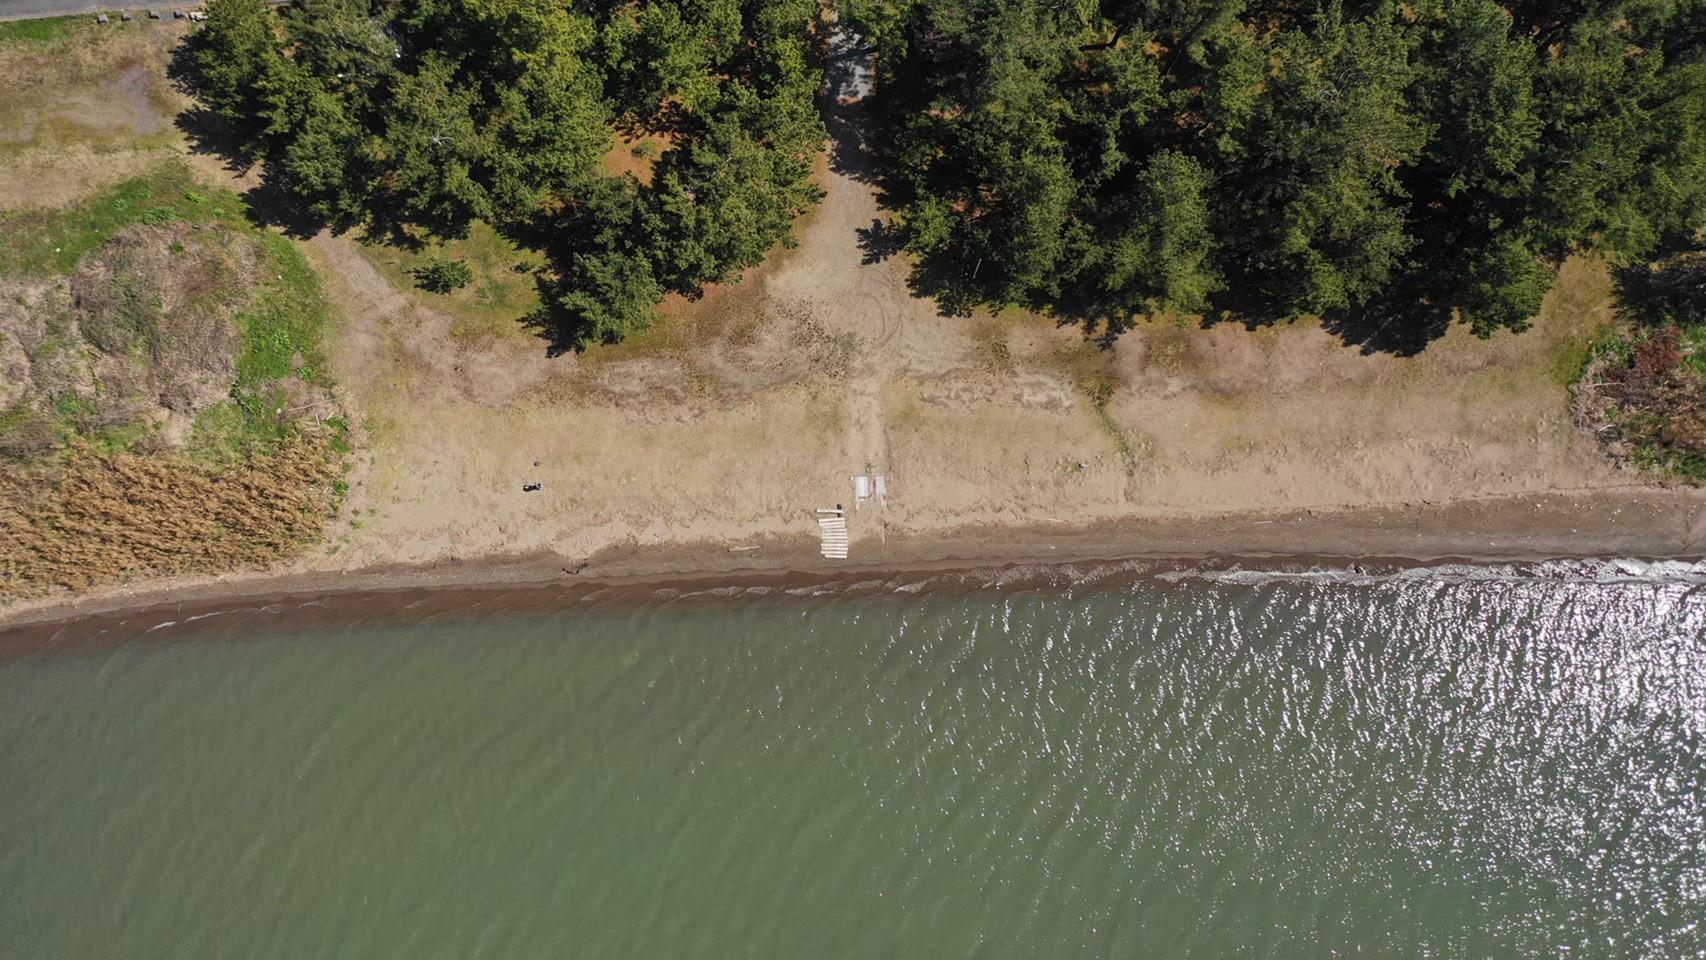 【湖畔で遊ぶ♪|米原市】『神明キャンプ場』攻略ガイド(駐車場・トイレ)